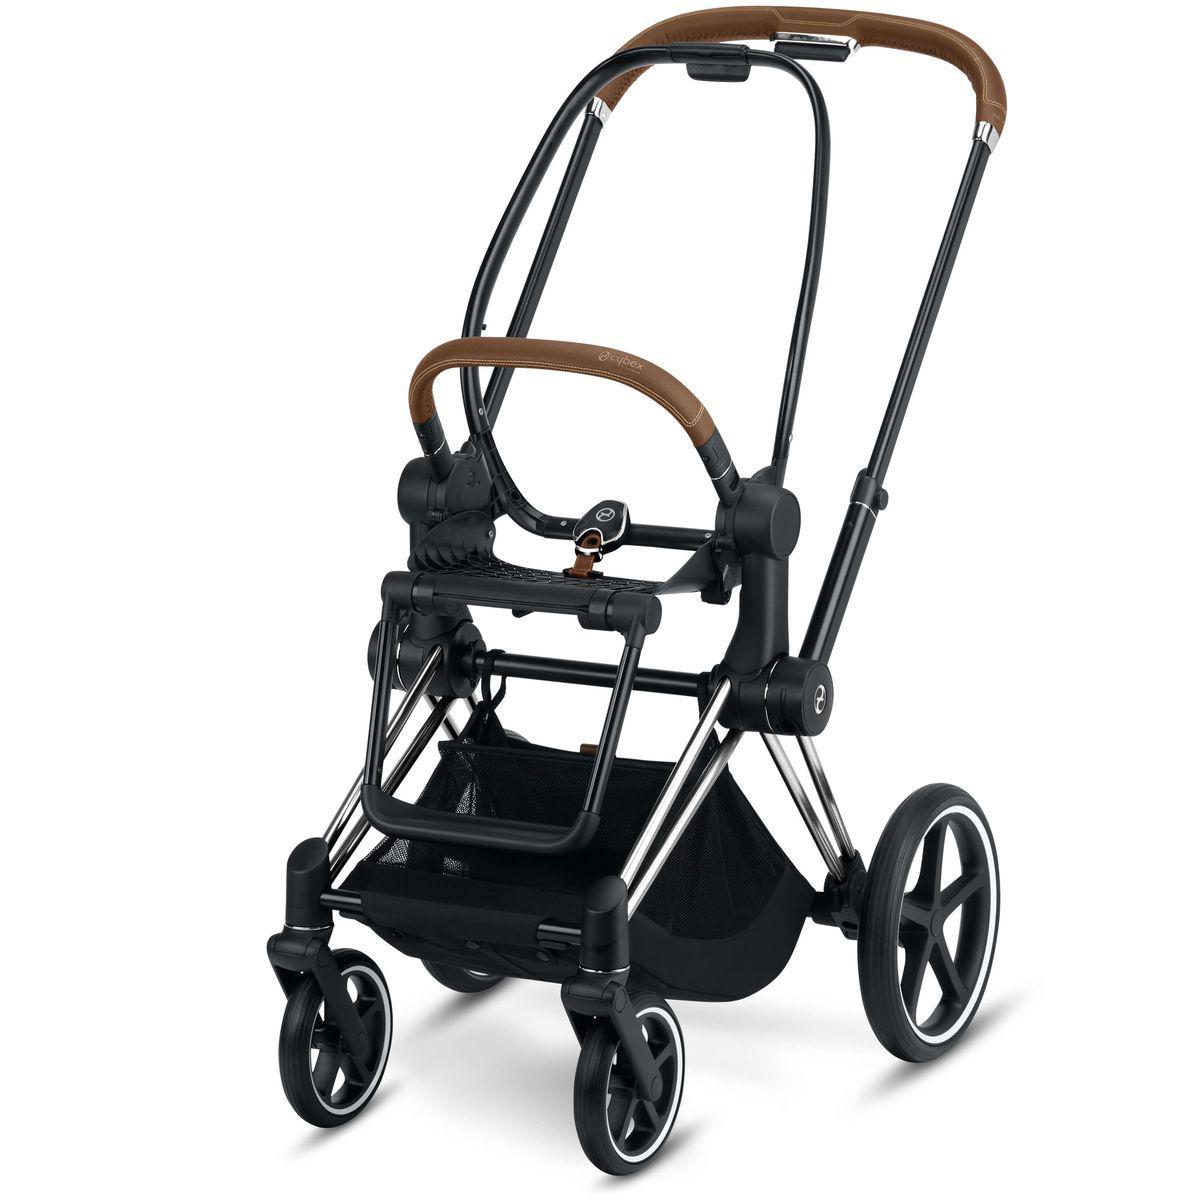 Chasis de carrito eléctrico ePRIAM Cybex chrome-brown